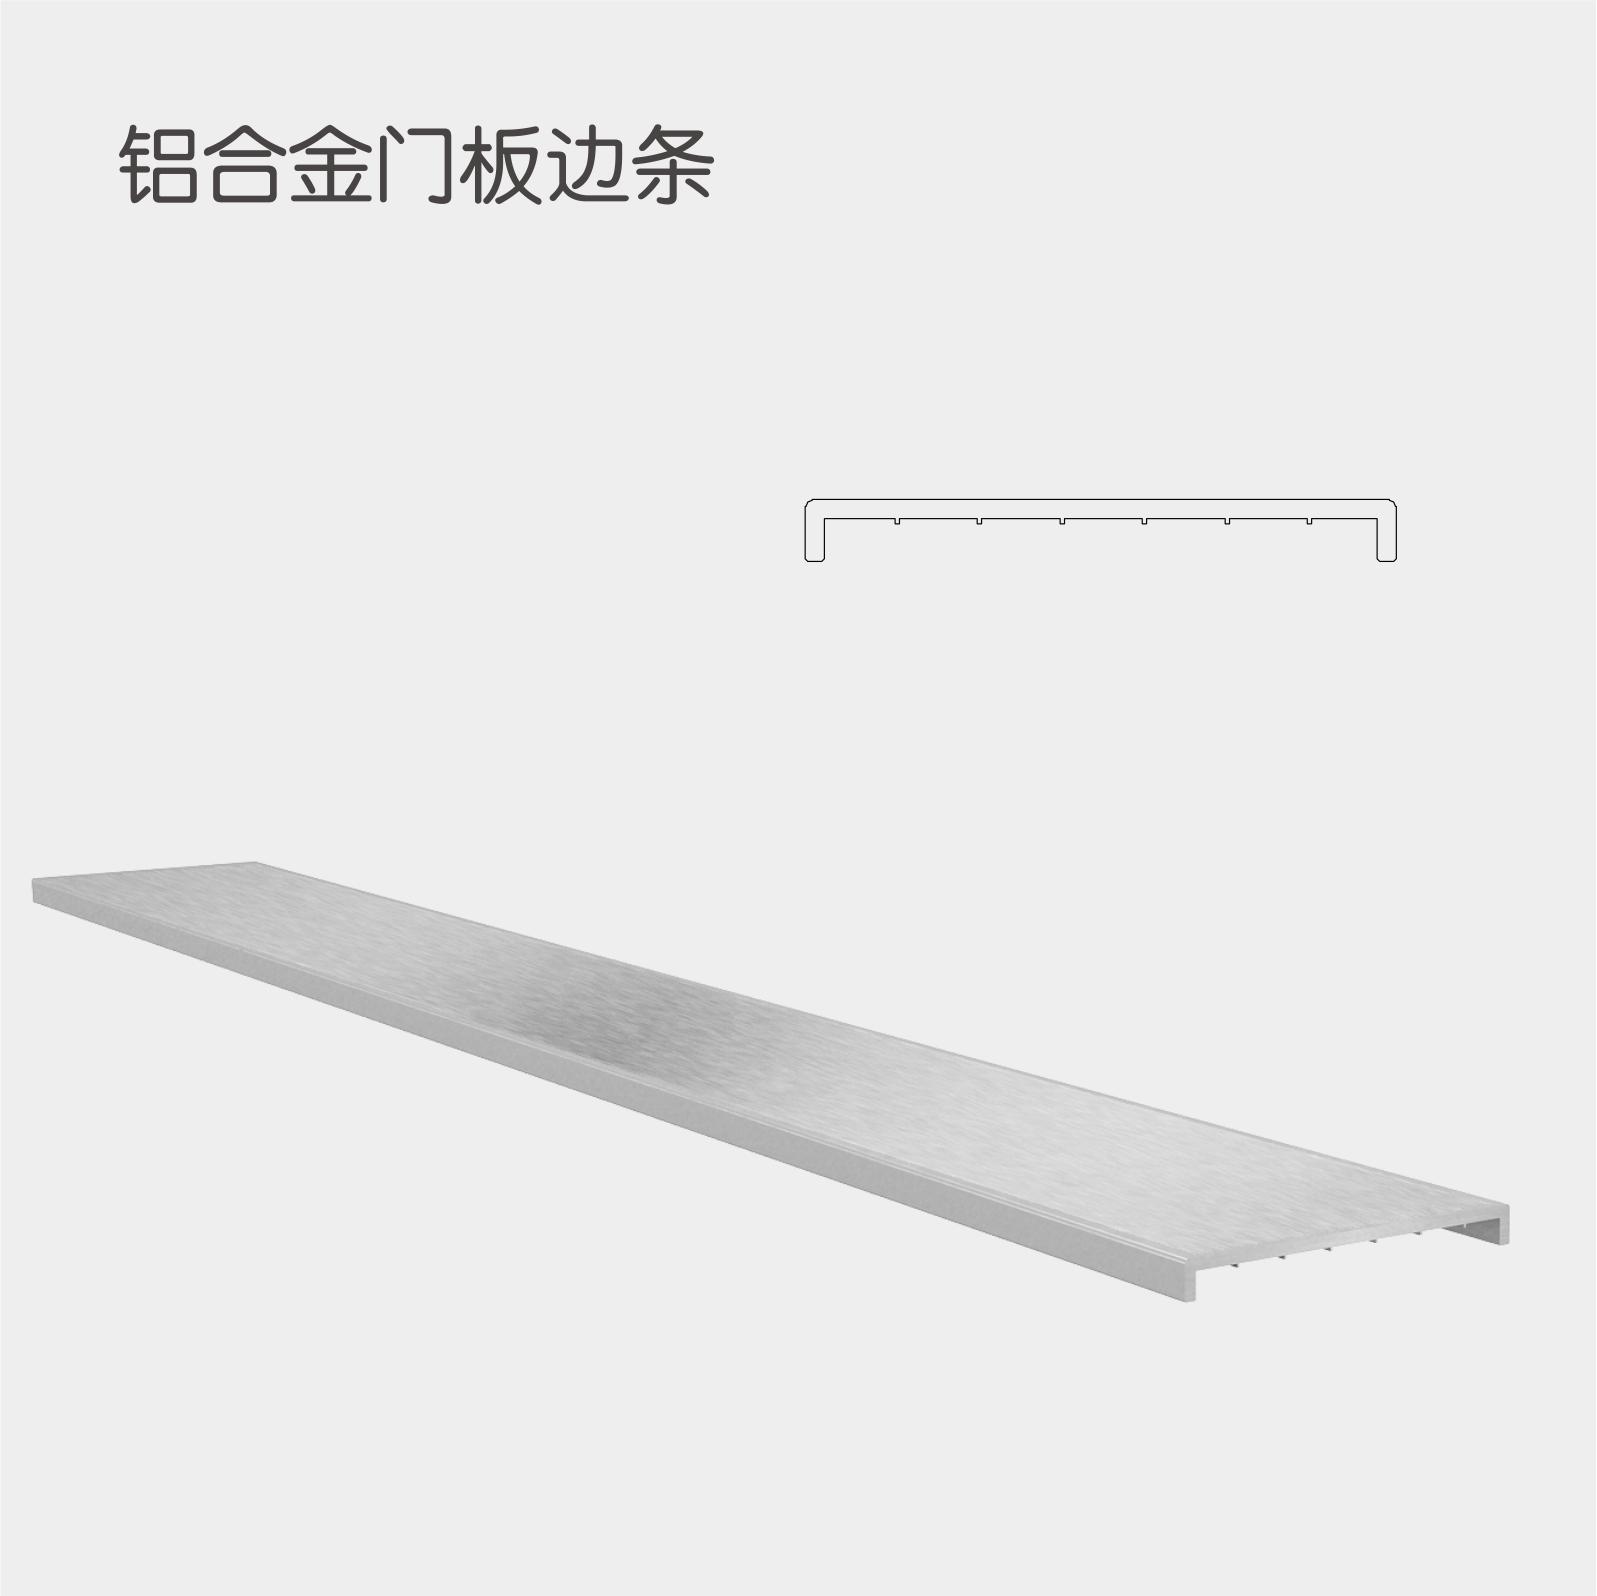 鋁合金門板封邊條